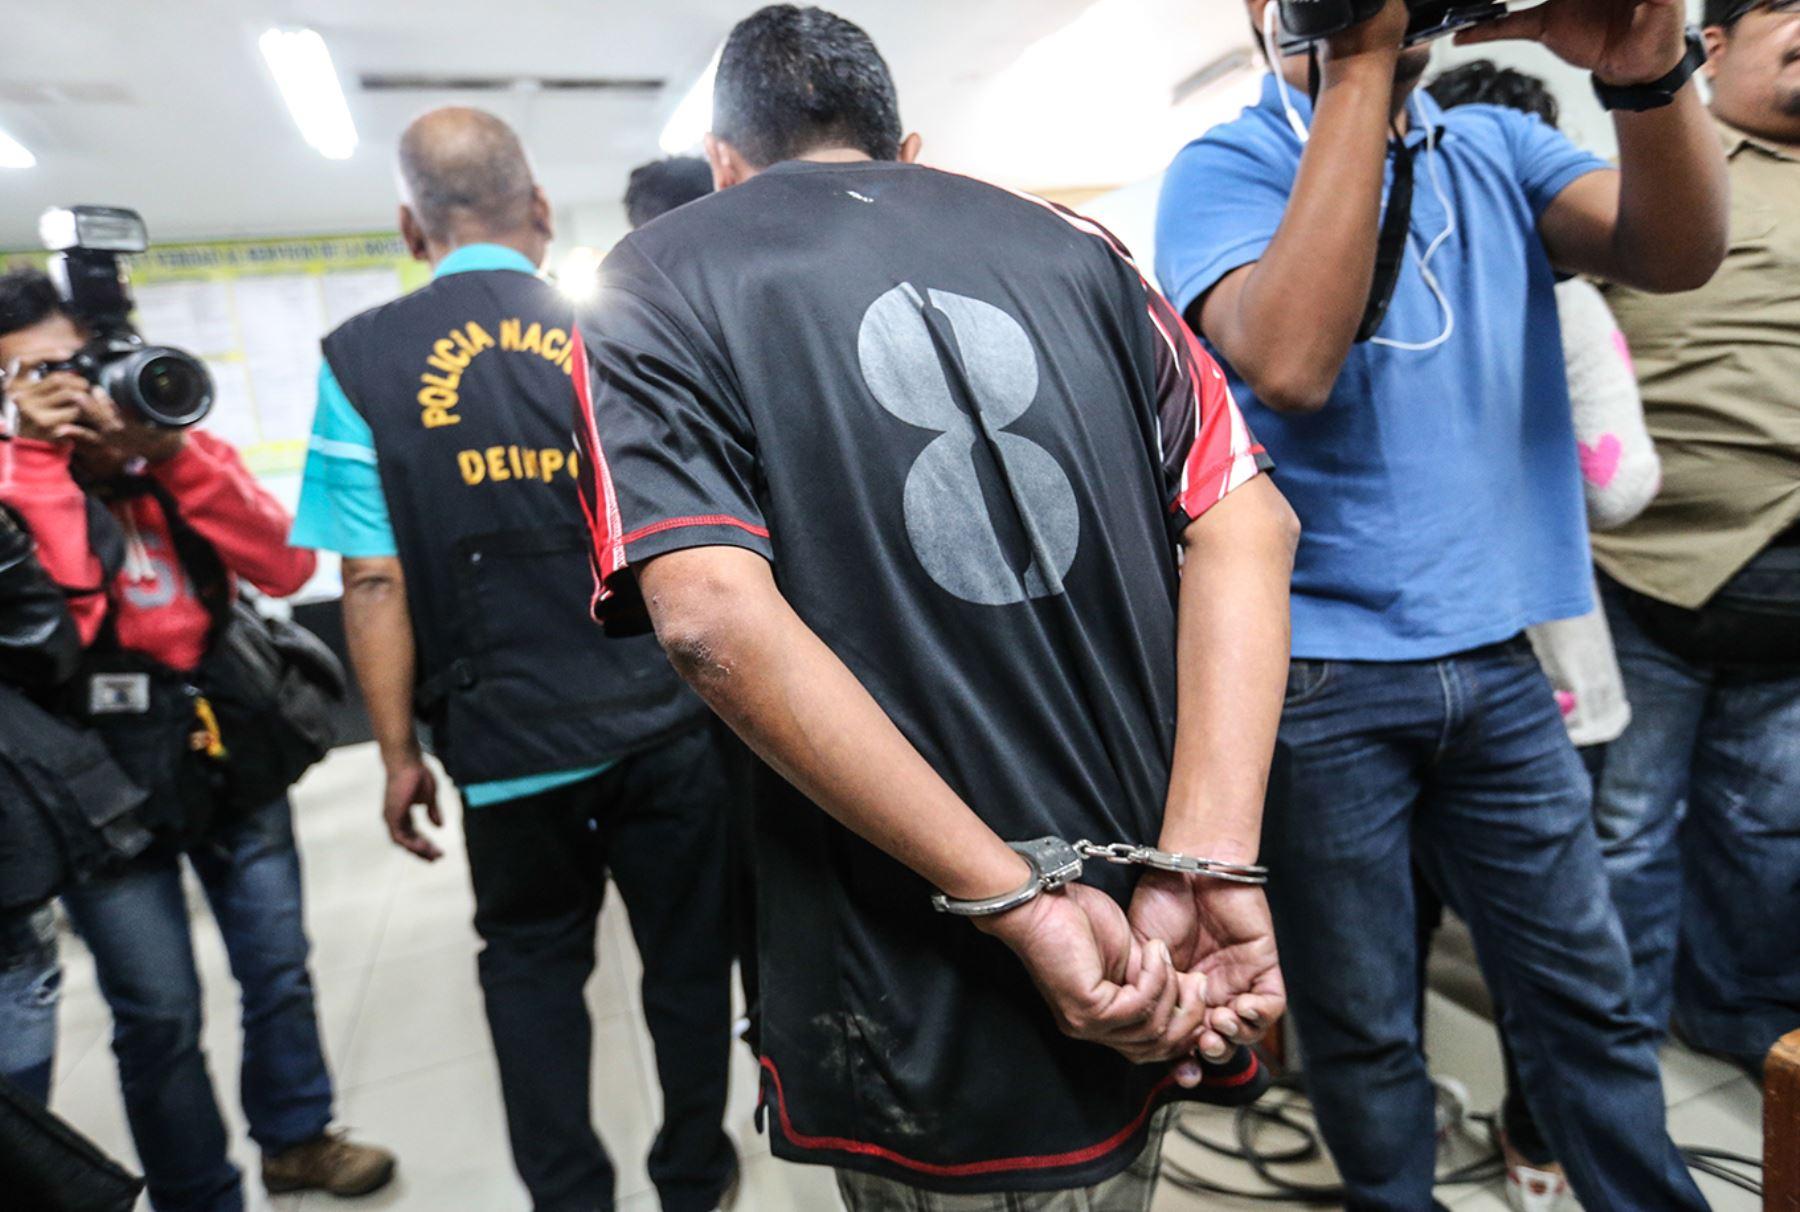 Necesario ajuste en la ley de sicariato para que a asesinos no se les rebajen las penas